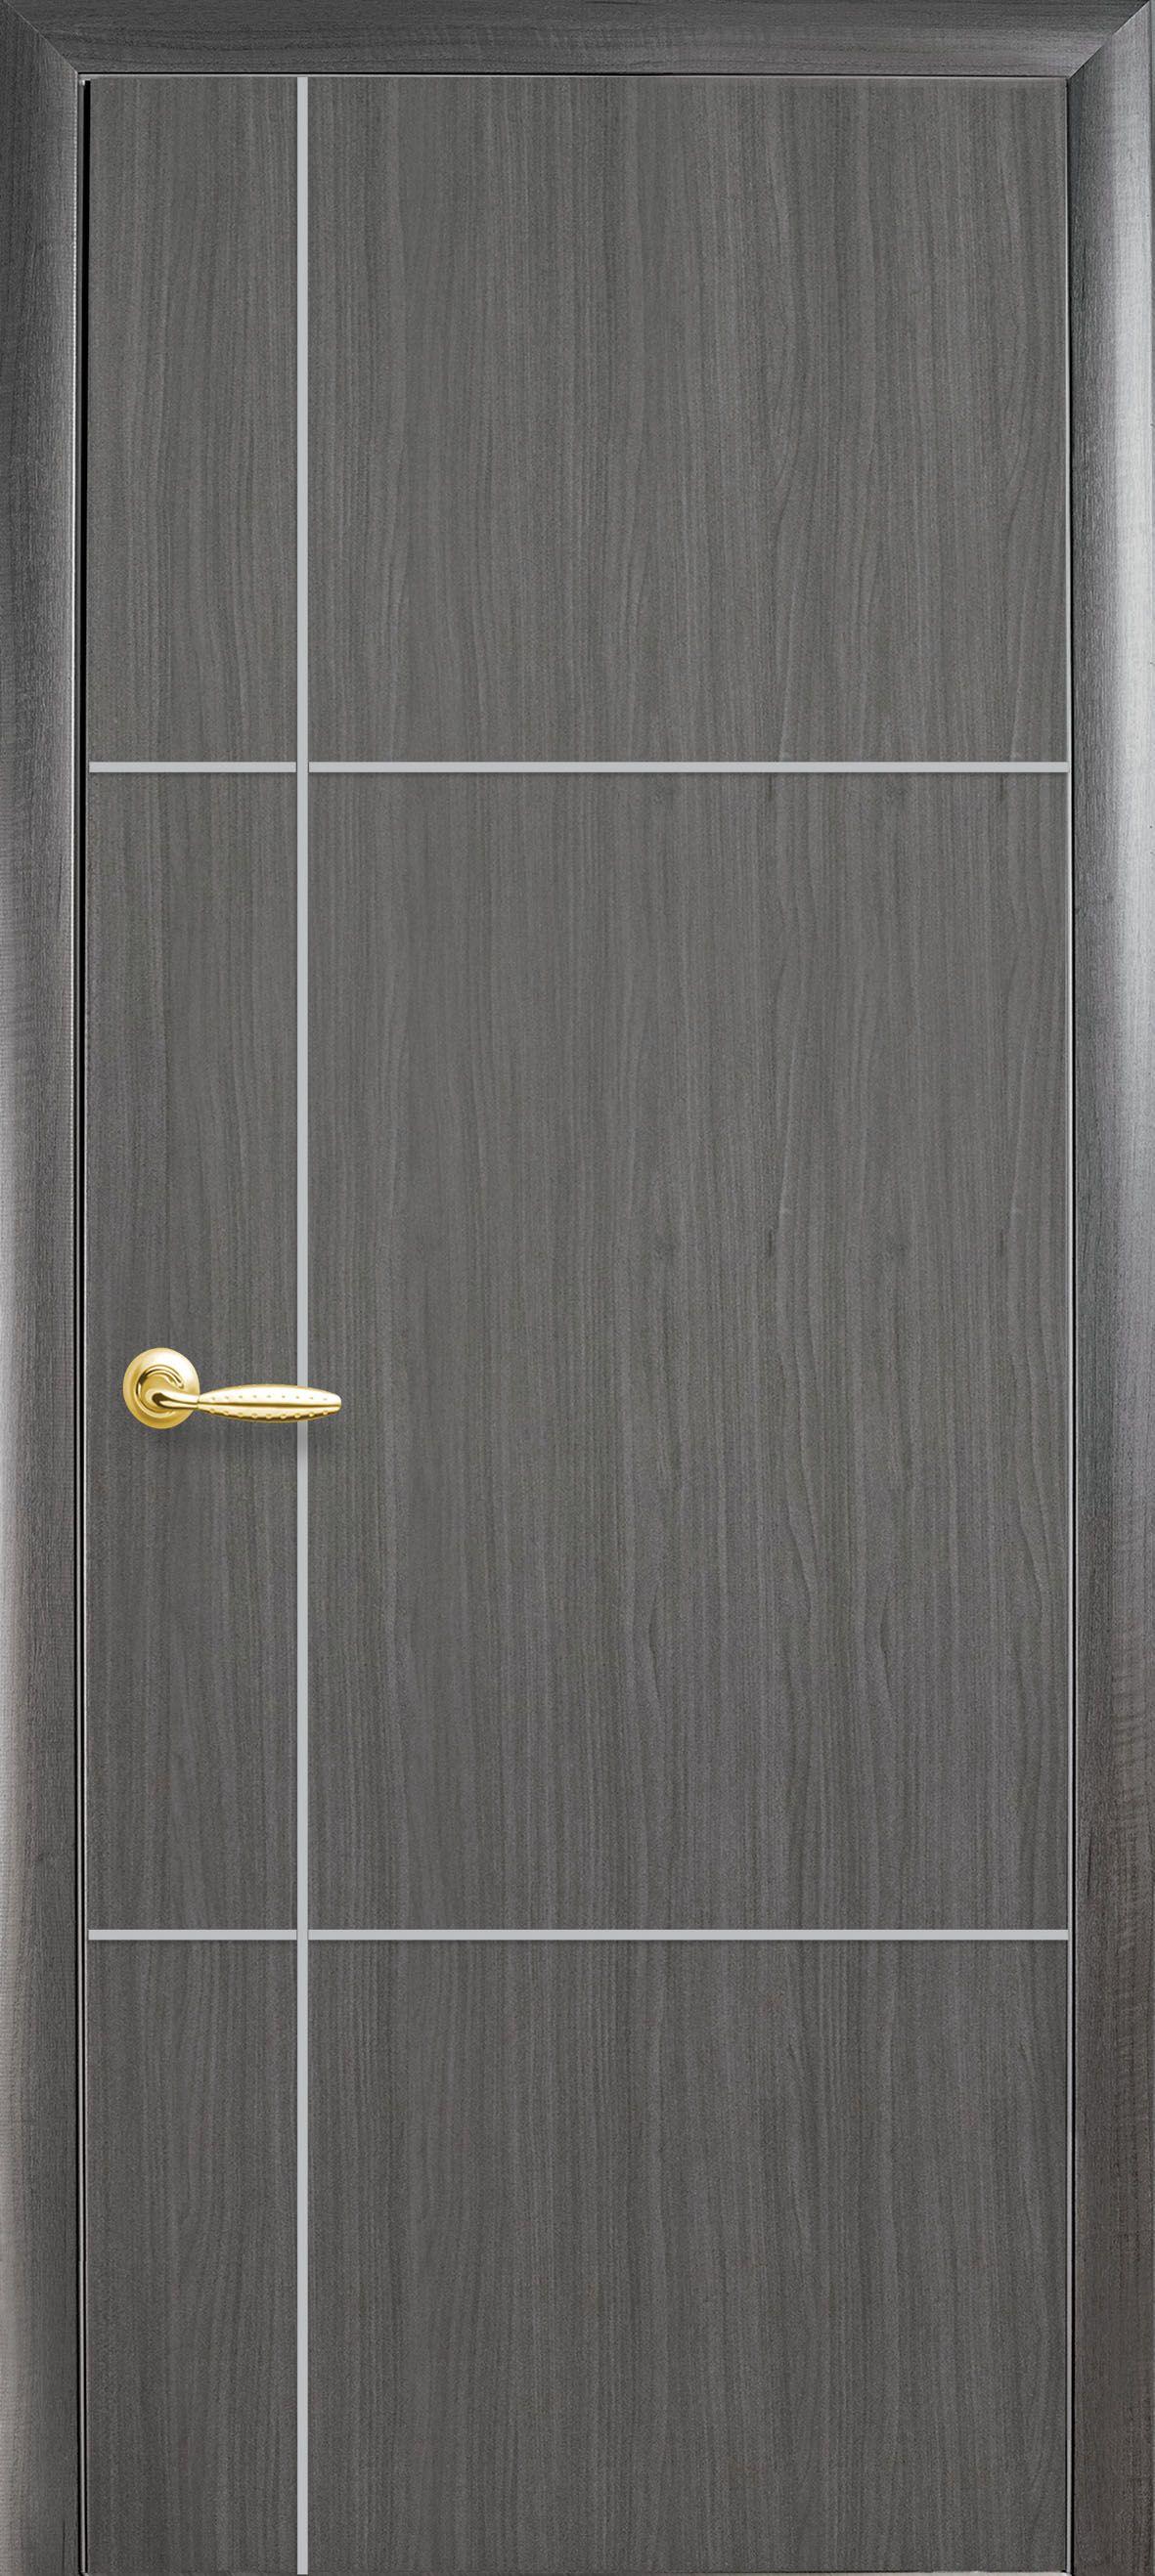 Межкомнатные двери Ника silver глухое с гравировкой Silver